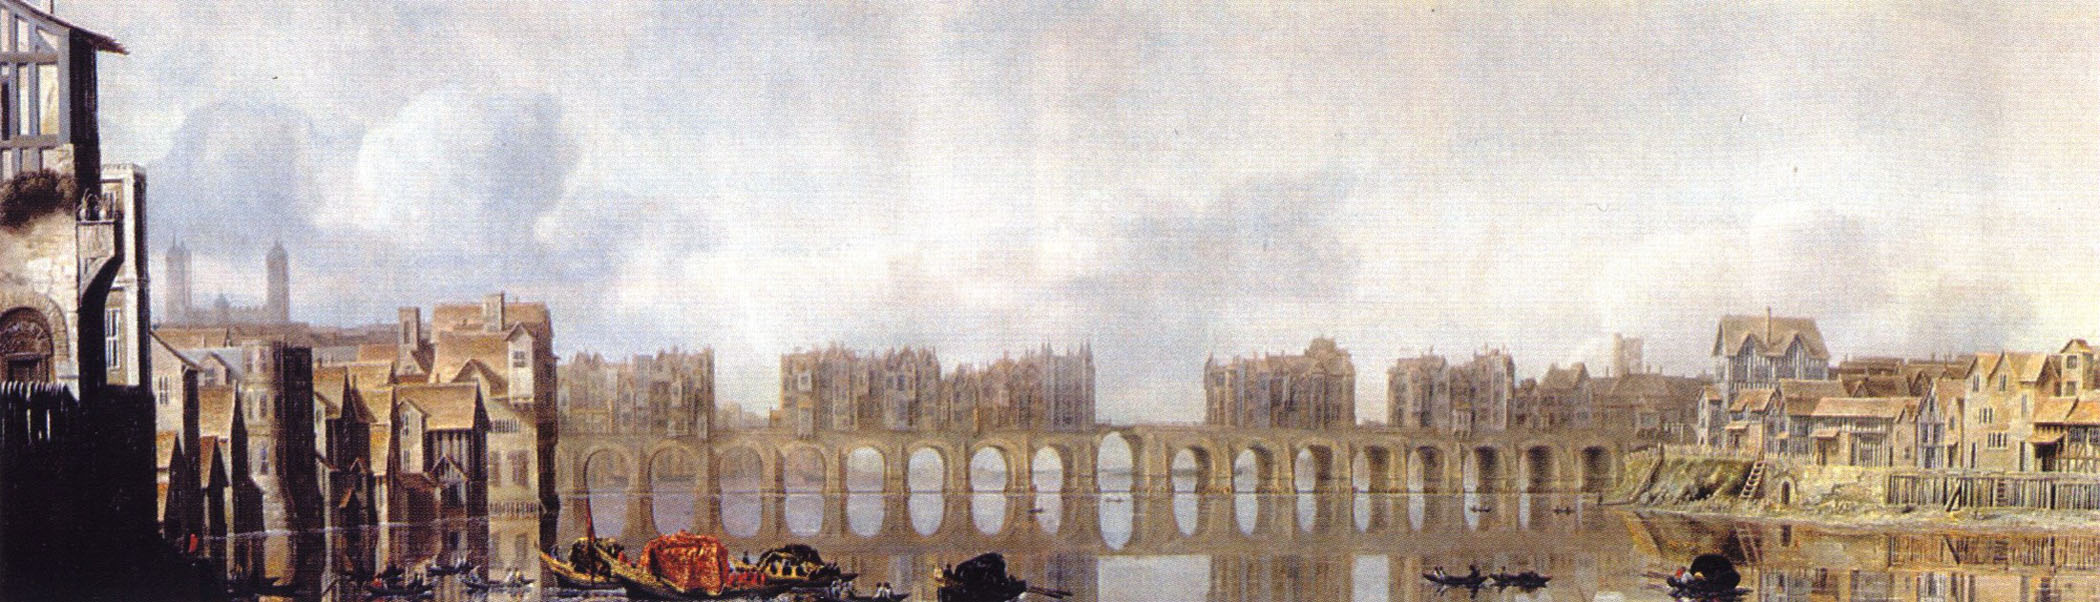 Неизвестный художник. Старый Лондонский мост (вид до пожара 1666 года). XVII век.